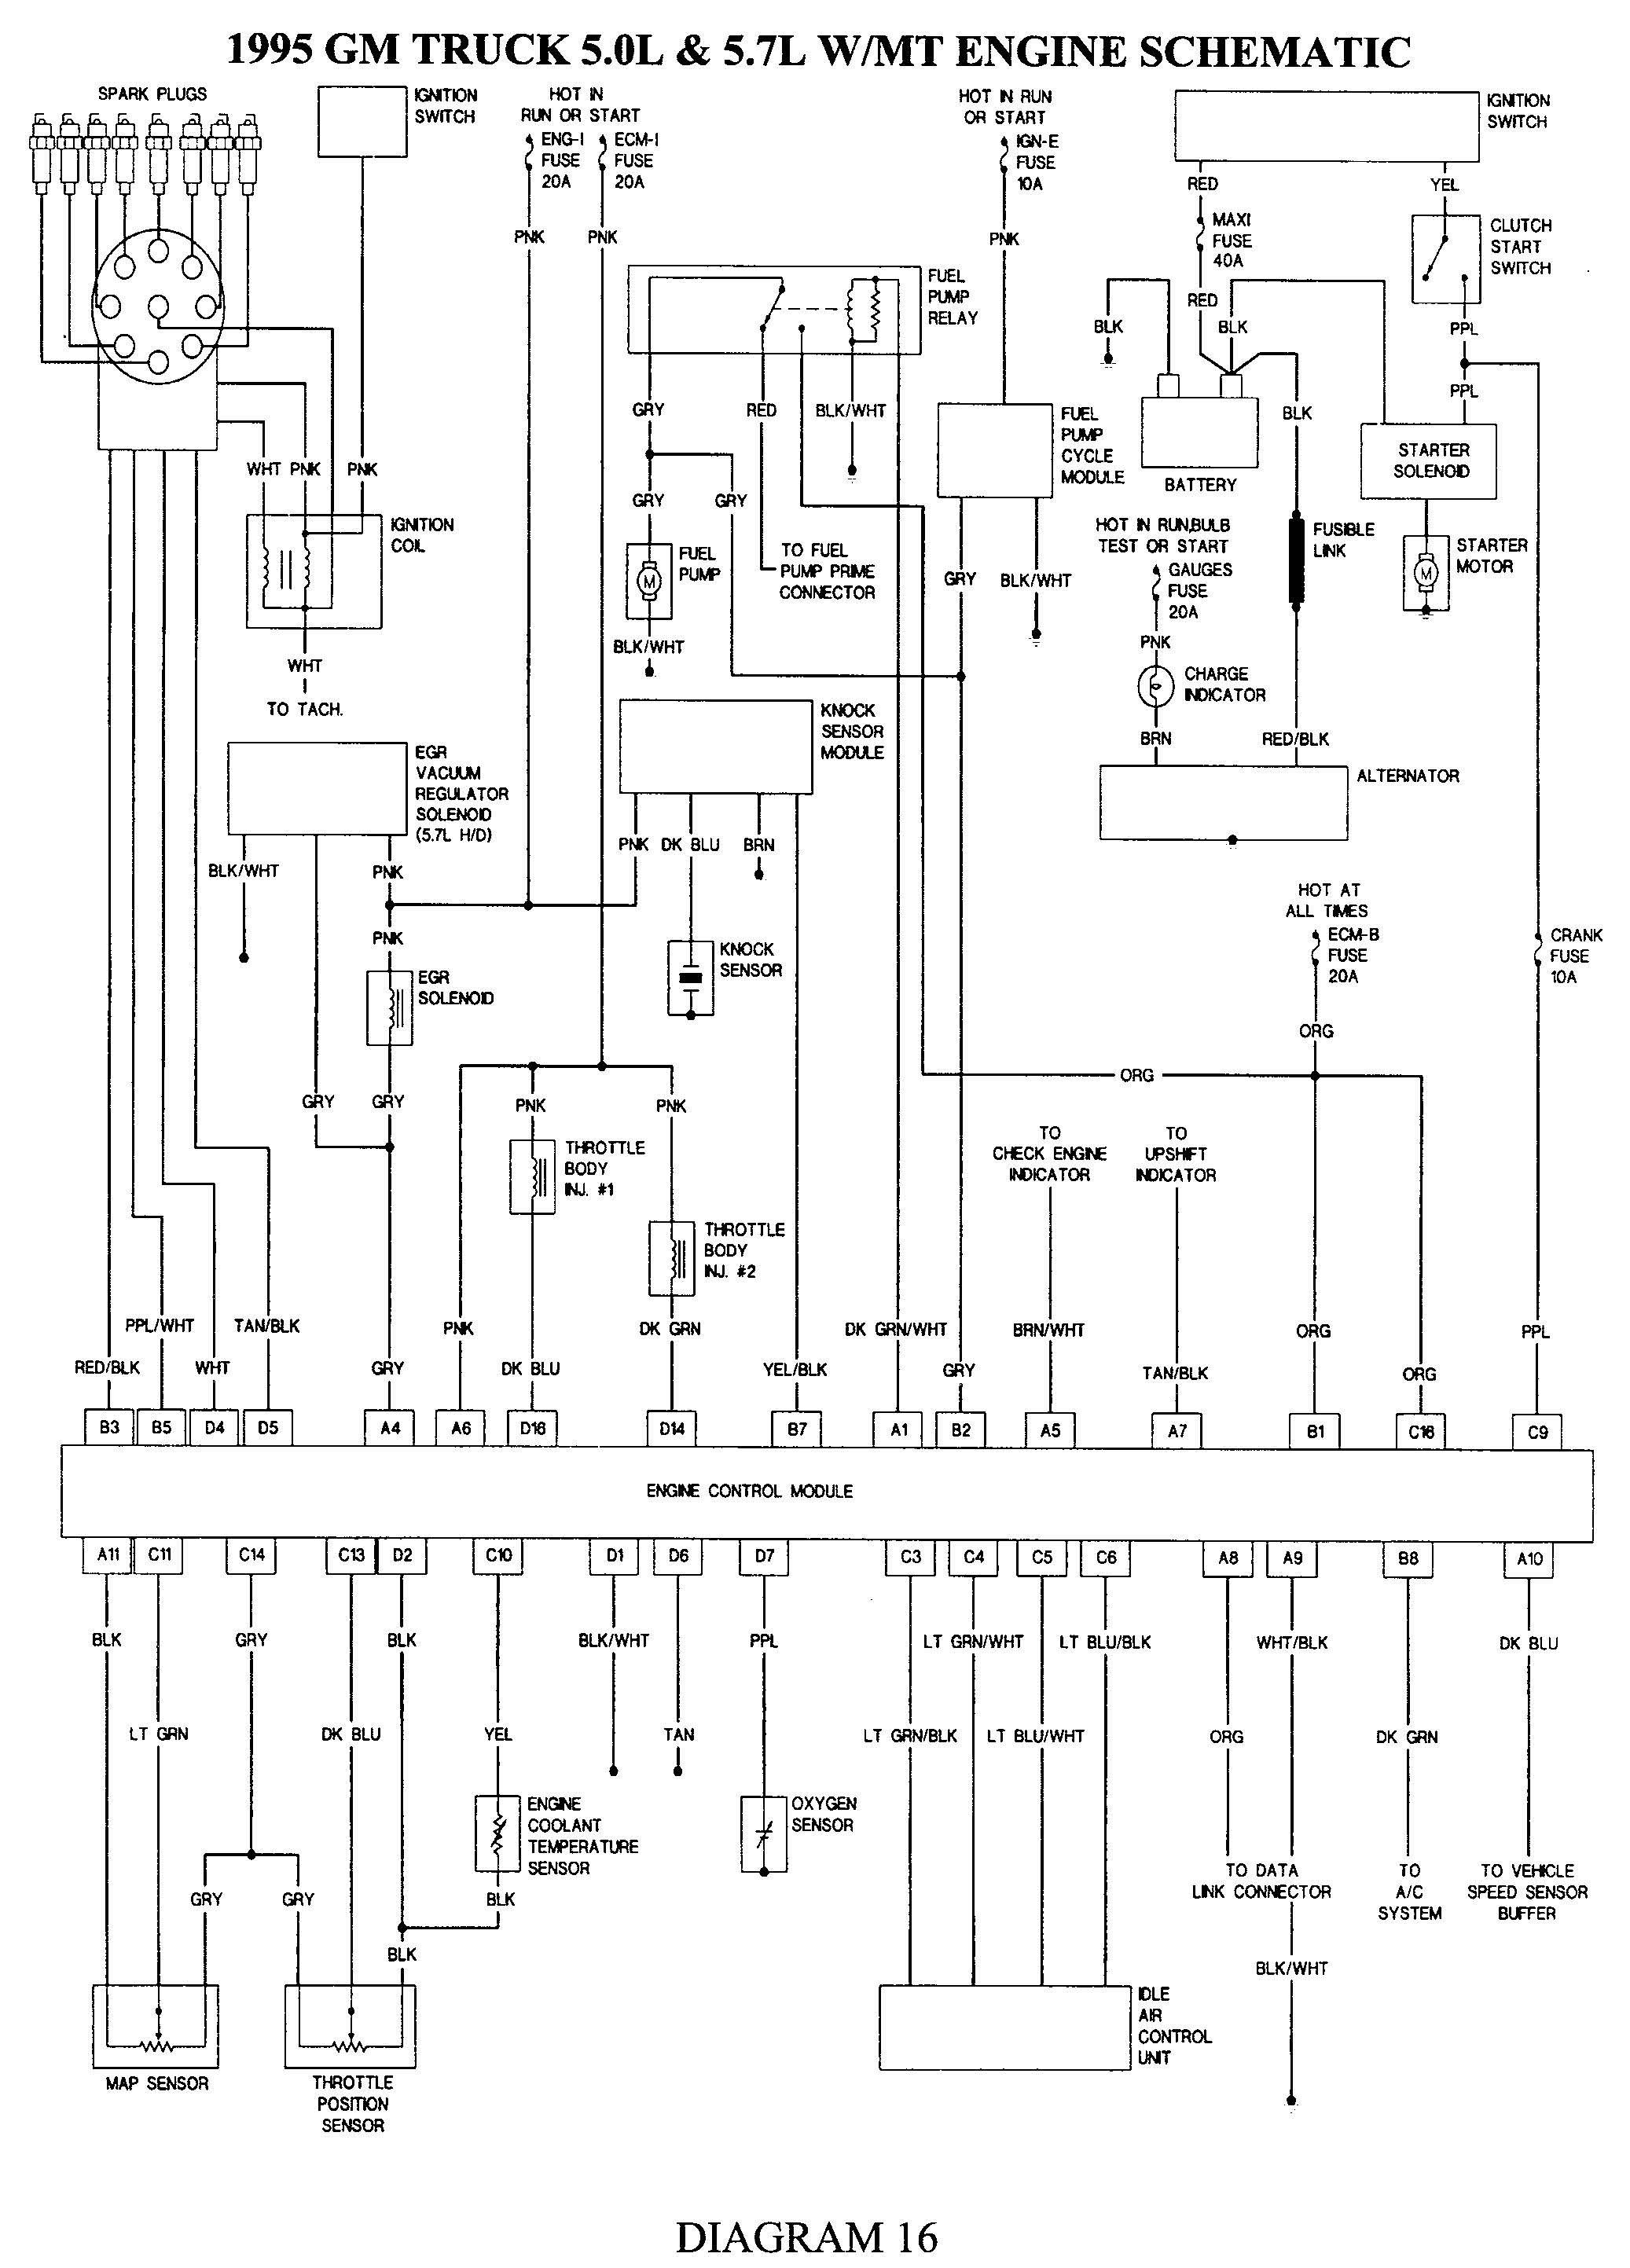 2009 silverado wiring diagram 1993 chevy silverado wiring